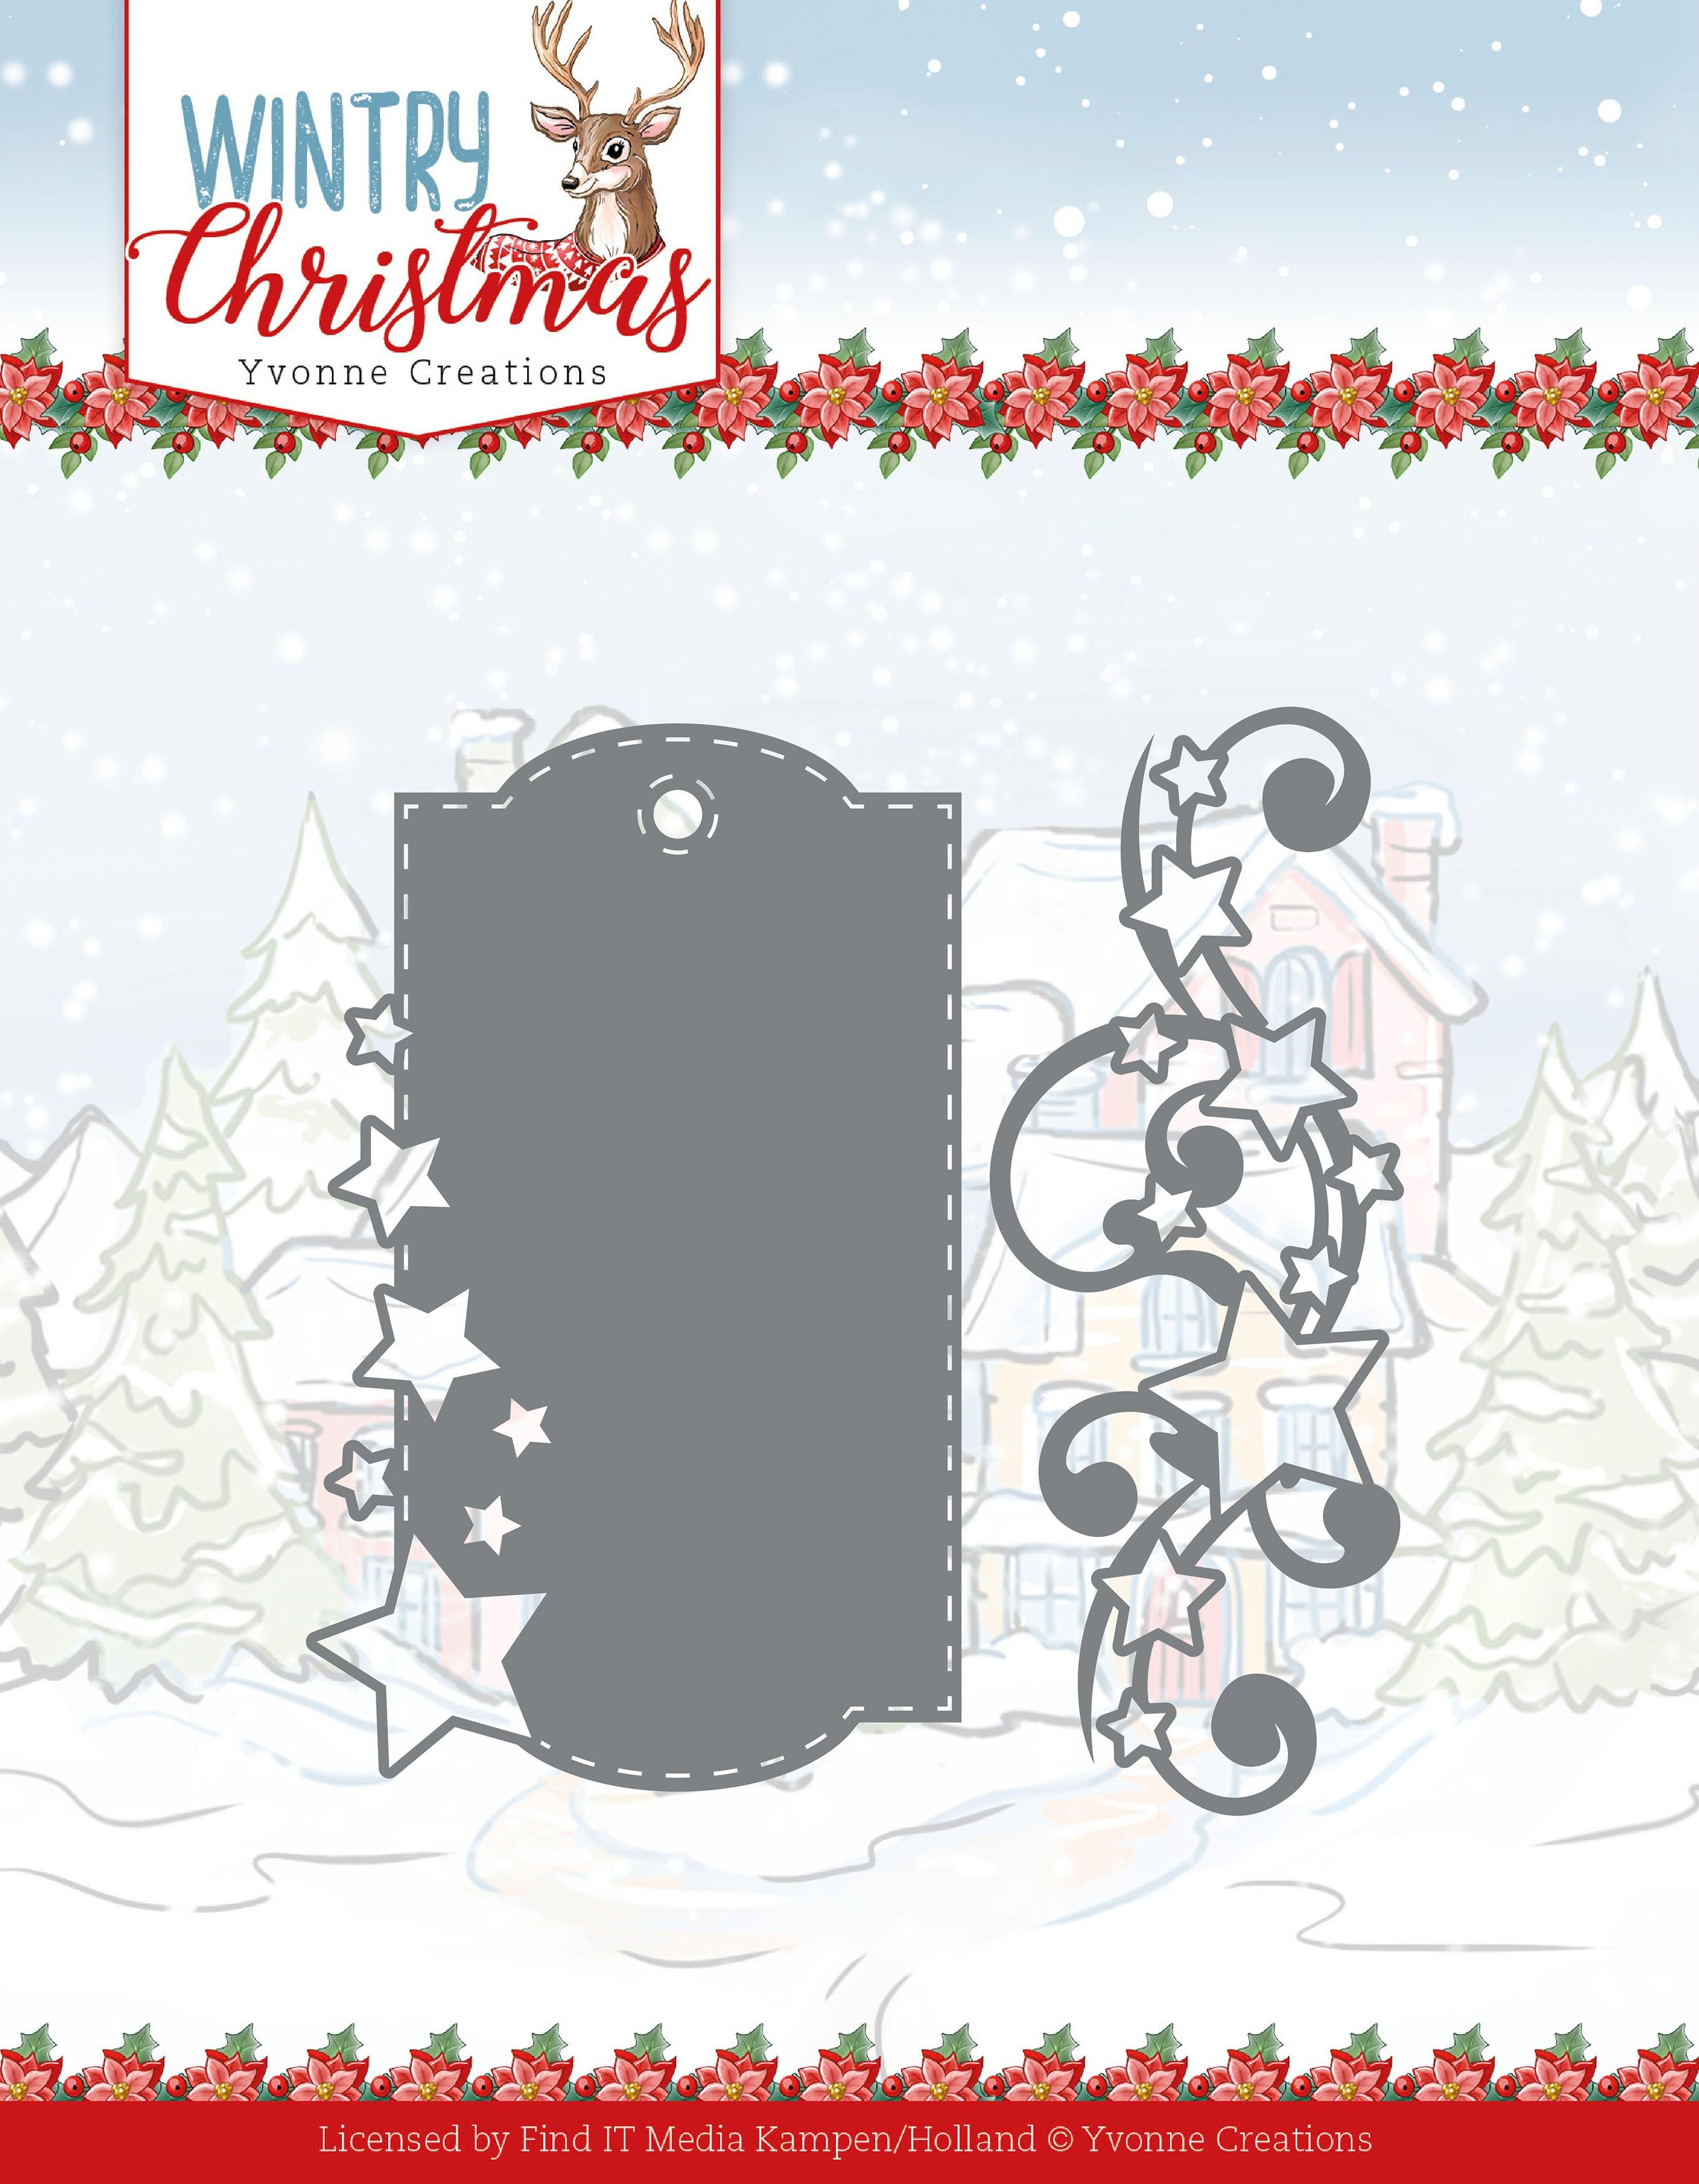 Stars & Swirls - Wintery Christmas Die